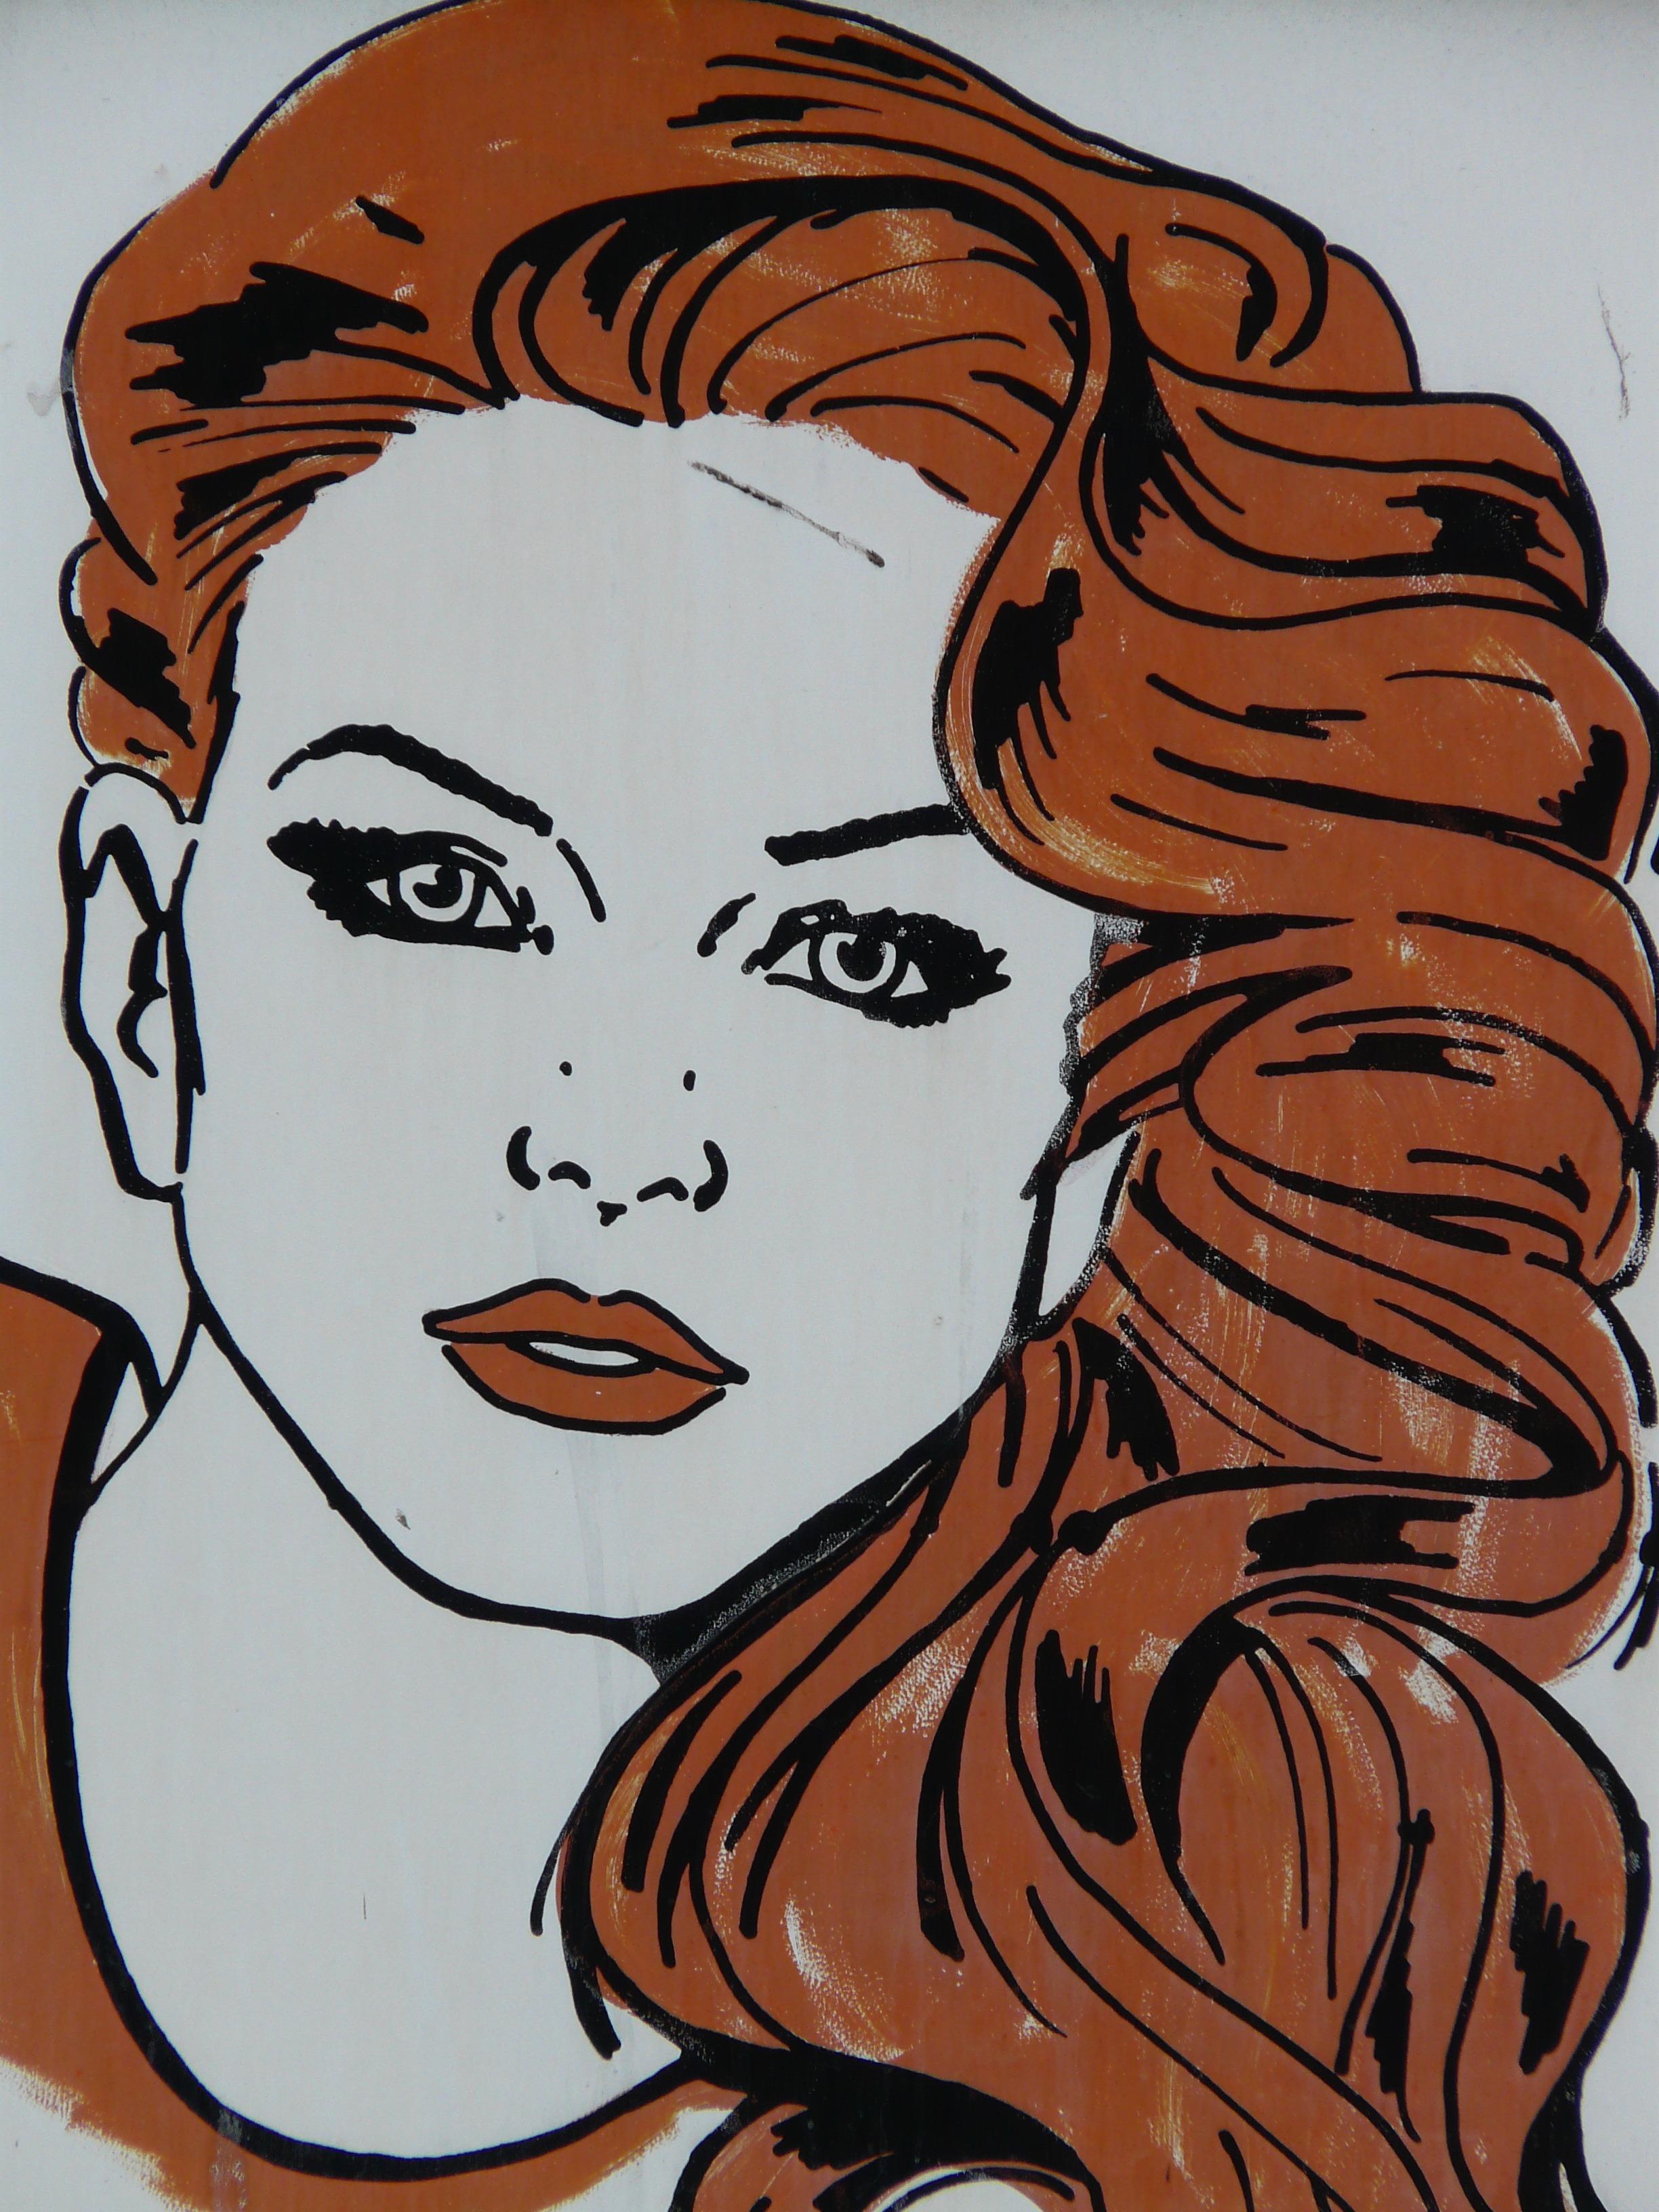 Gambar Wanita Rambut Hairstyle Mulut Menghadapi Hidung Mata